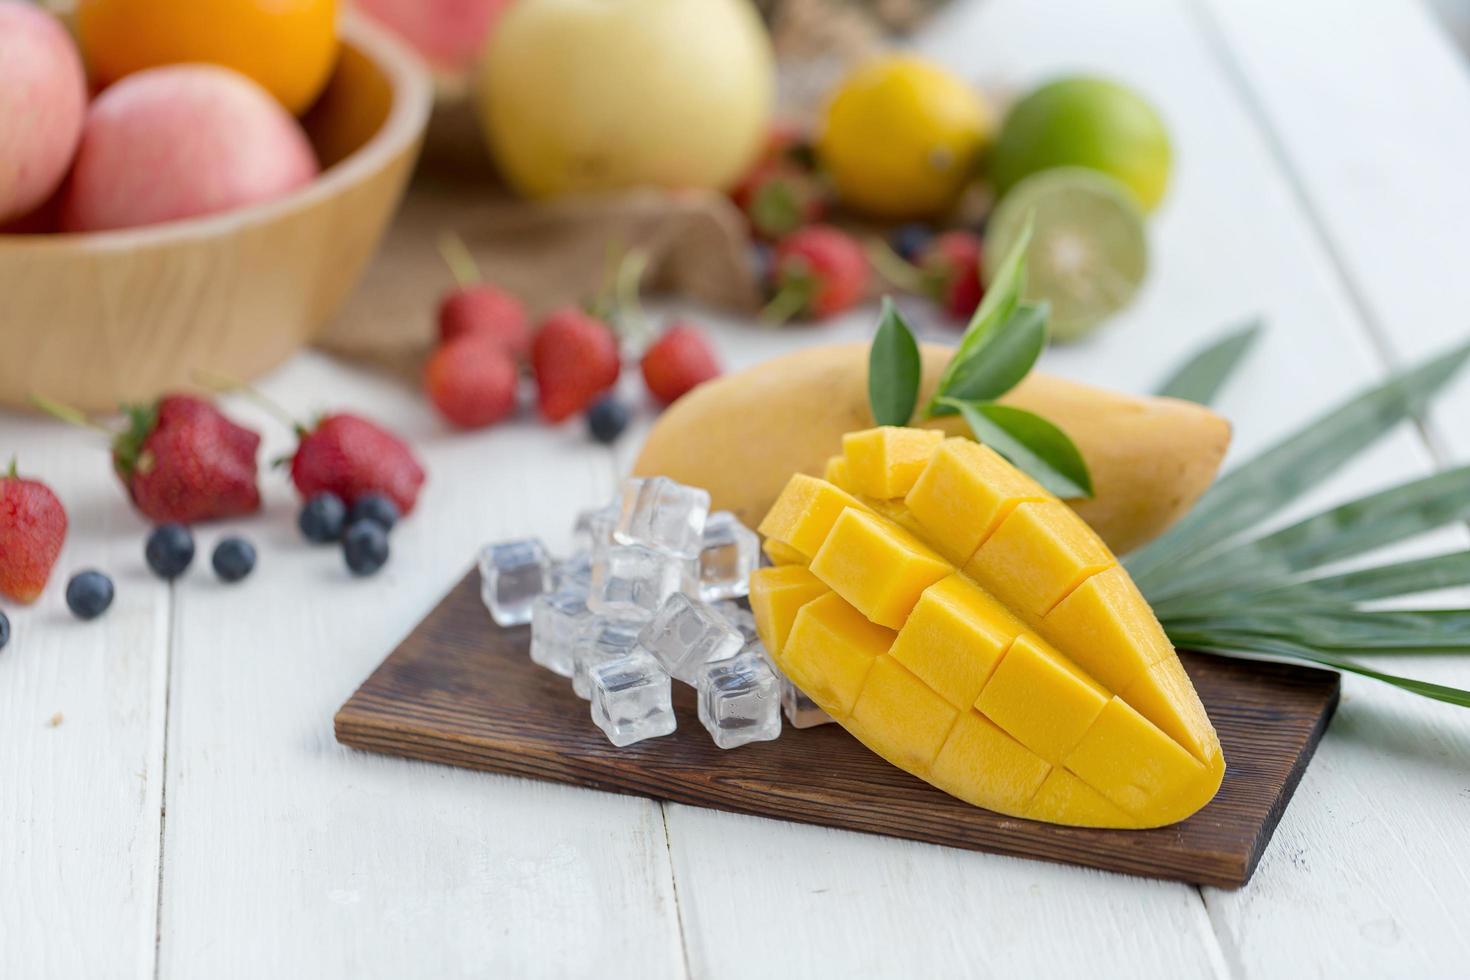 mango en rodajas y otras frutas foto